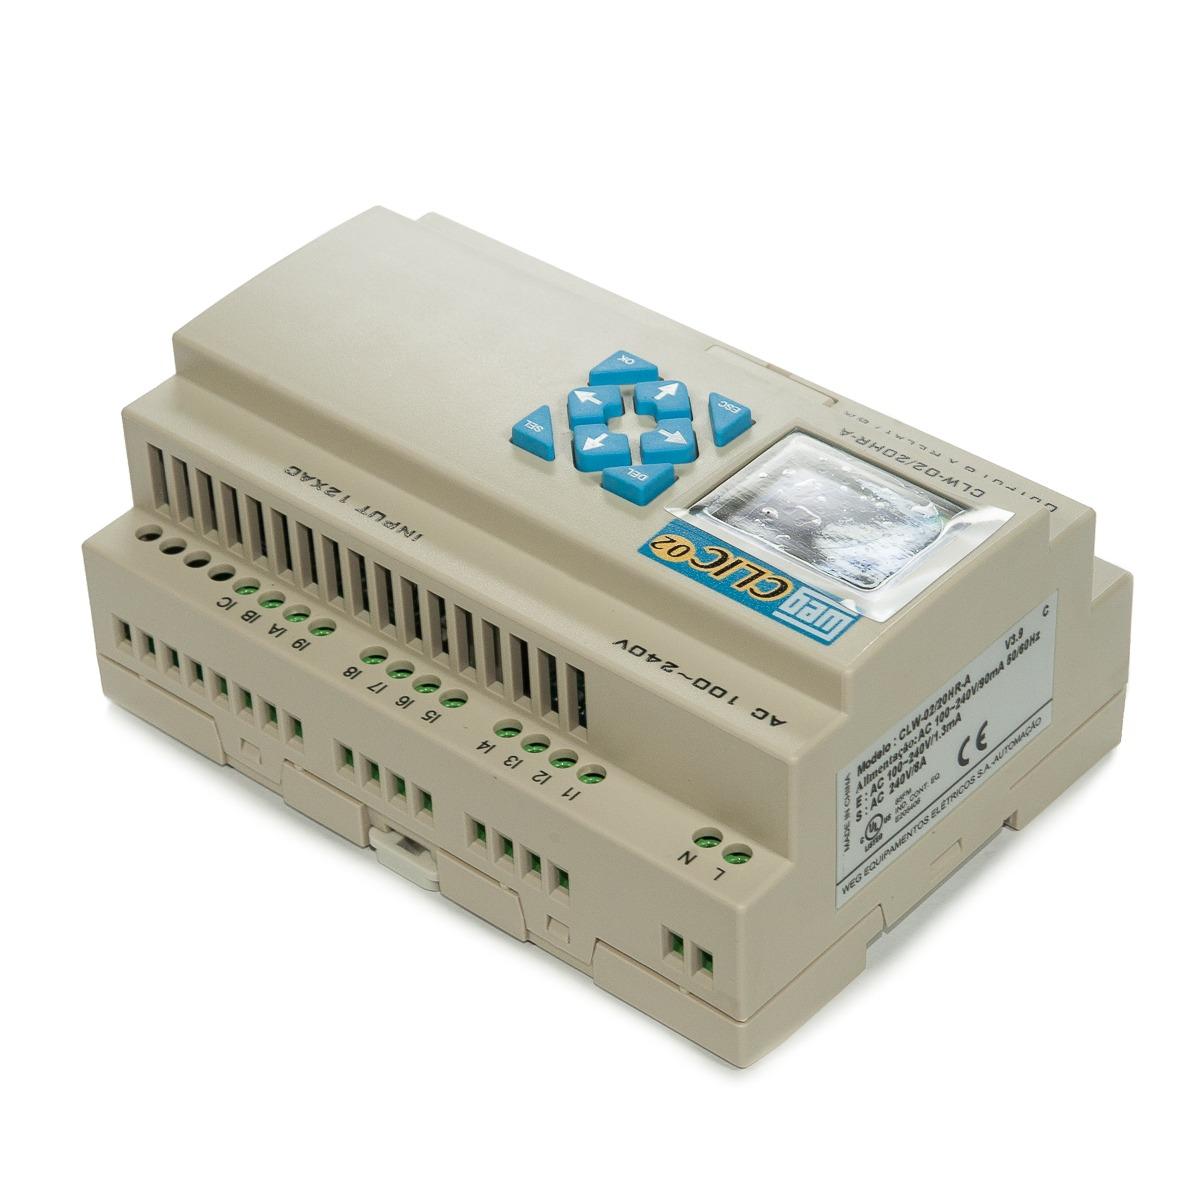 c8f4c385104 Controlador Logico Programavel Weg Clw-02 20hr-a 3rd - R  1.350